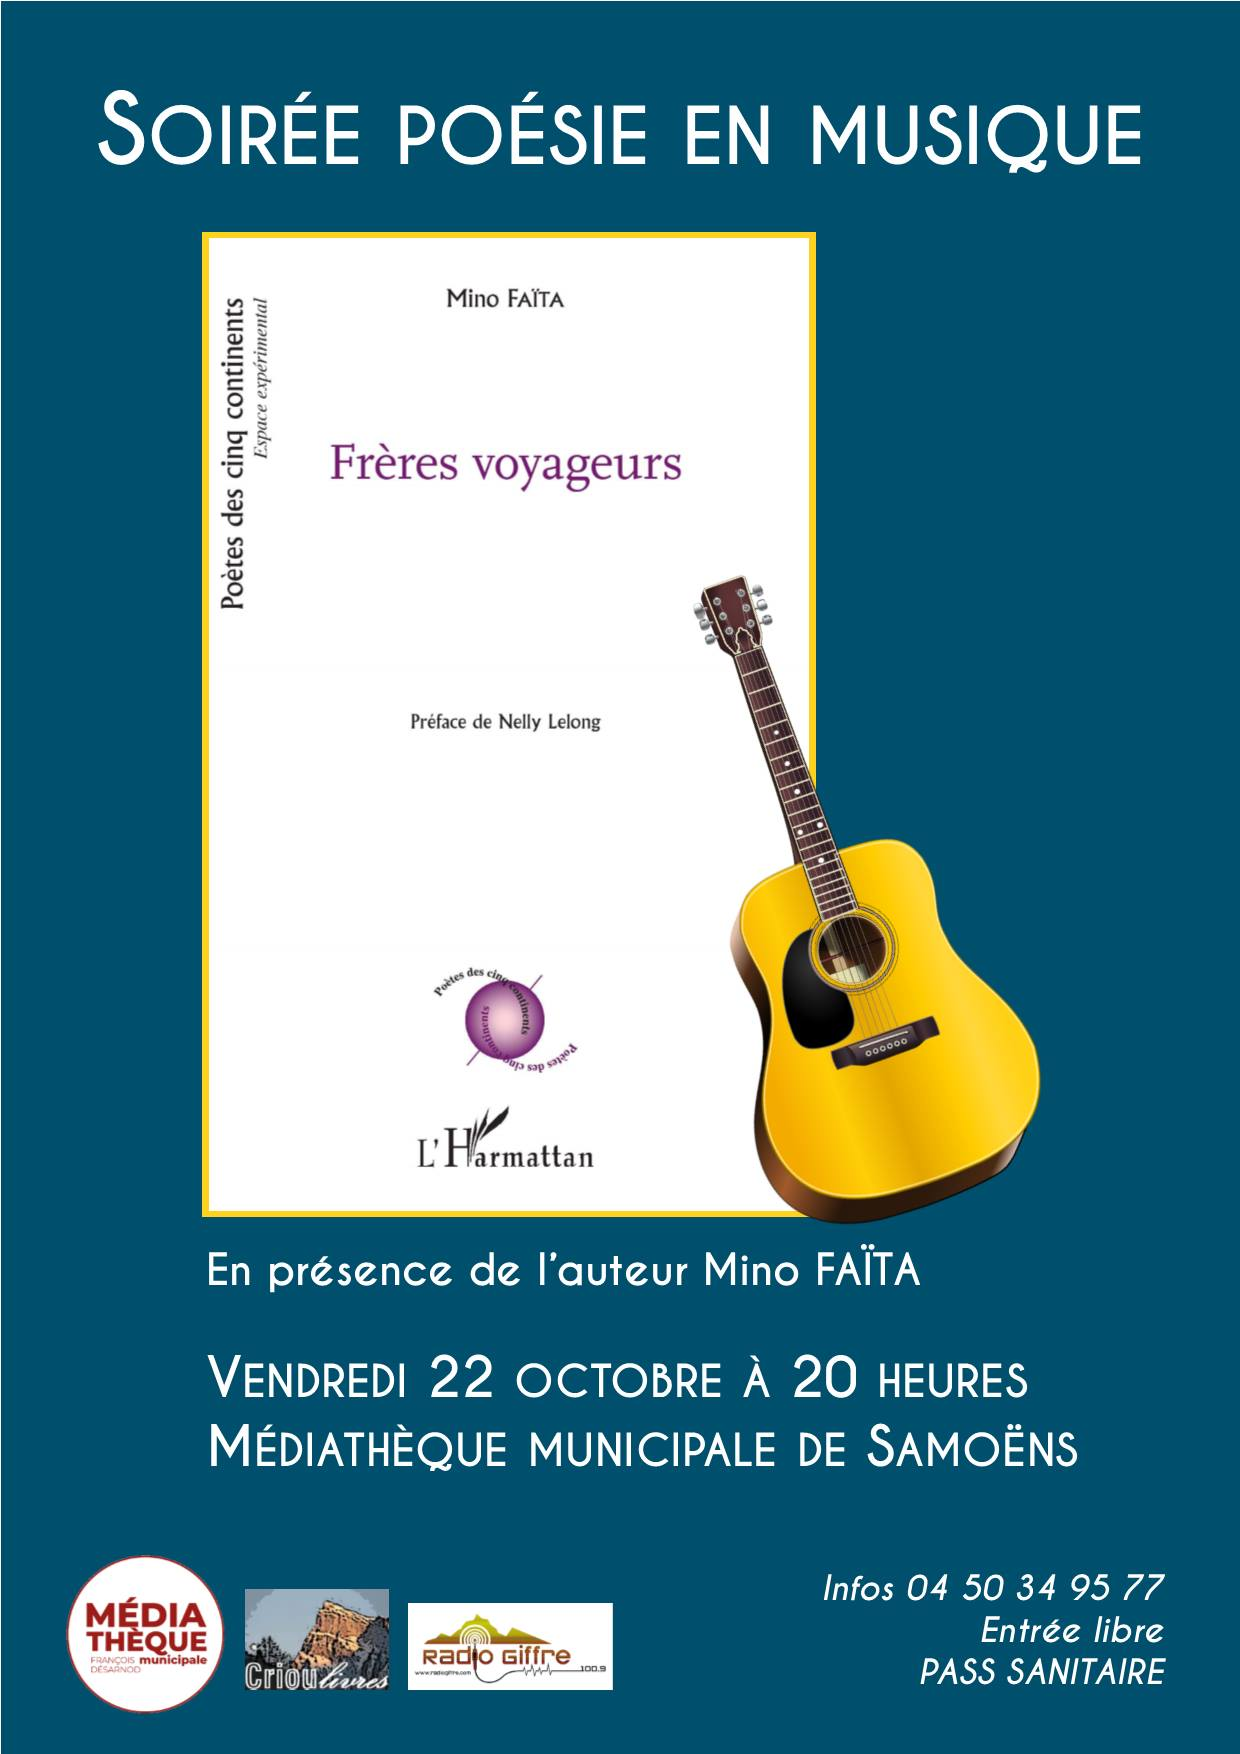 Soirée poésie en musique à la Médiathèque – Vendredi 22 octobre 2021